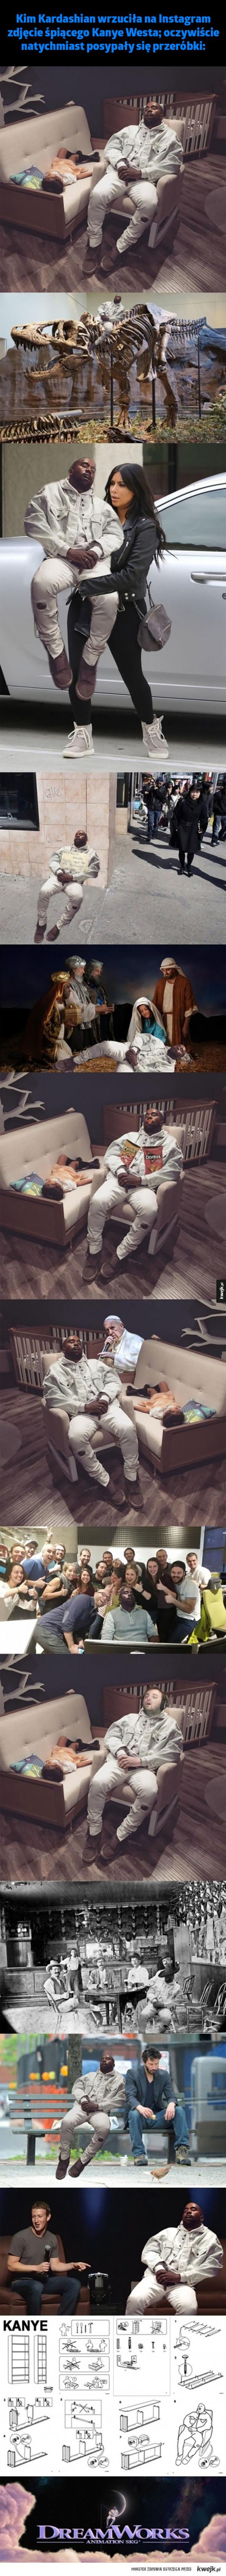 Śpiący Kanye West